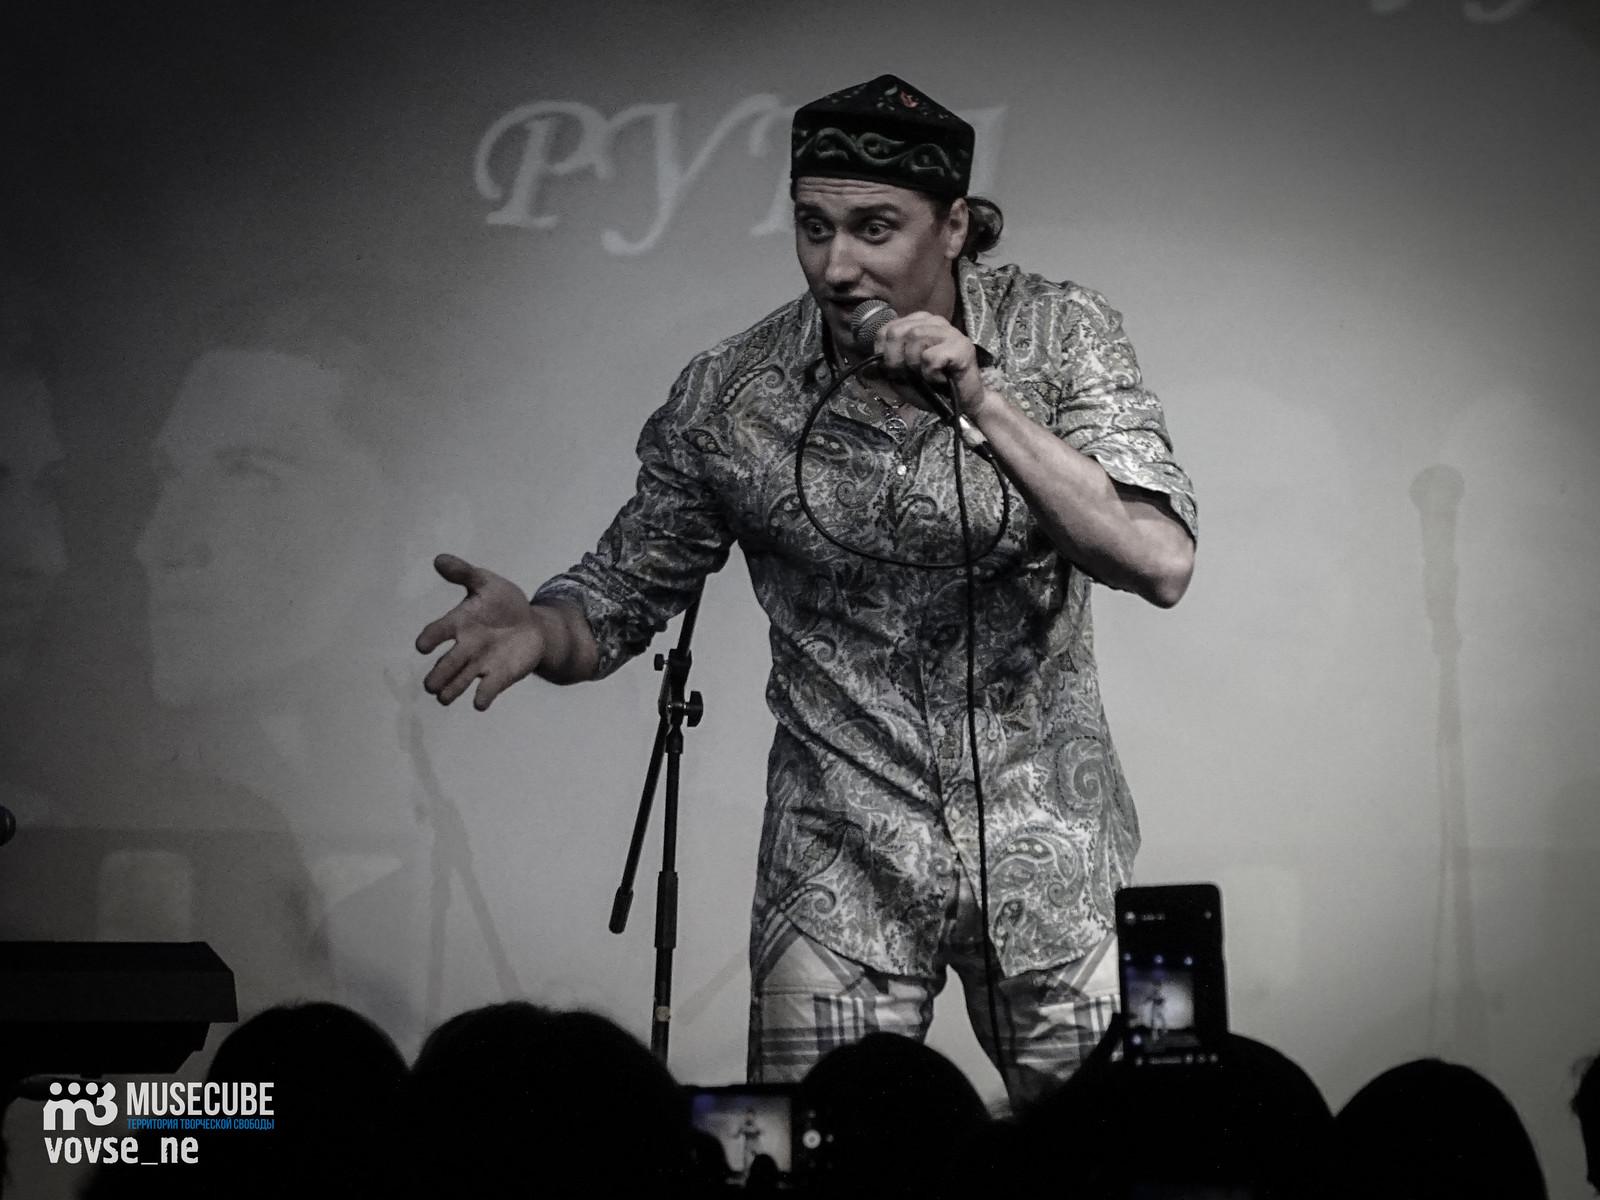 pesni_iz_sovetskih_kinofilmov_2_024